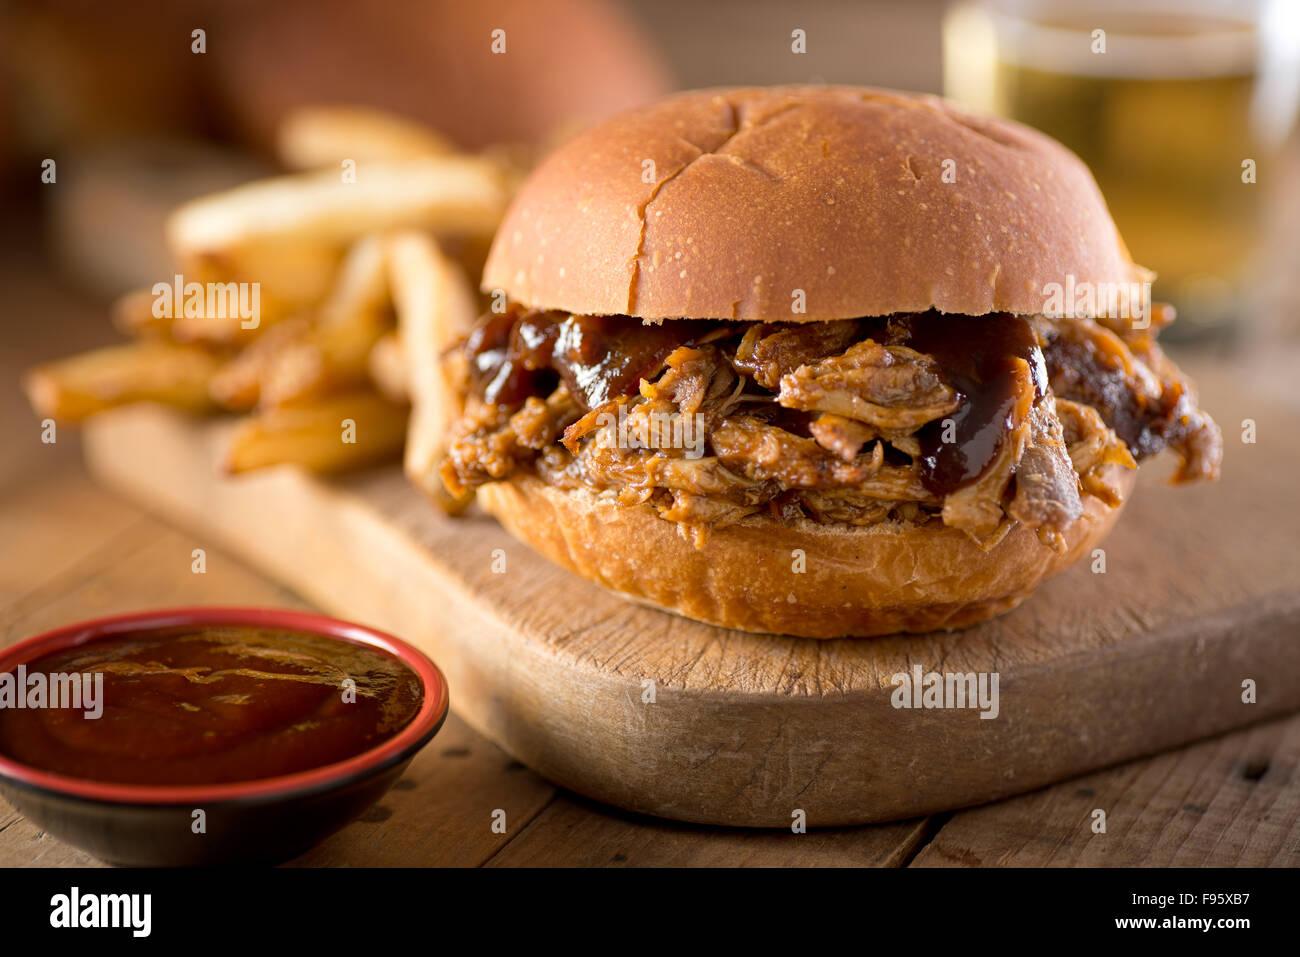 Un délicieux sandwich au porc sauce barbecue sur un petit pain. Photo Stock